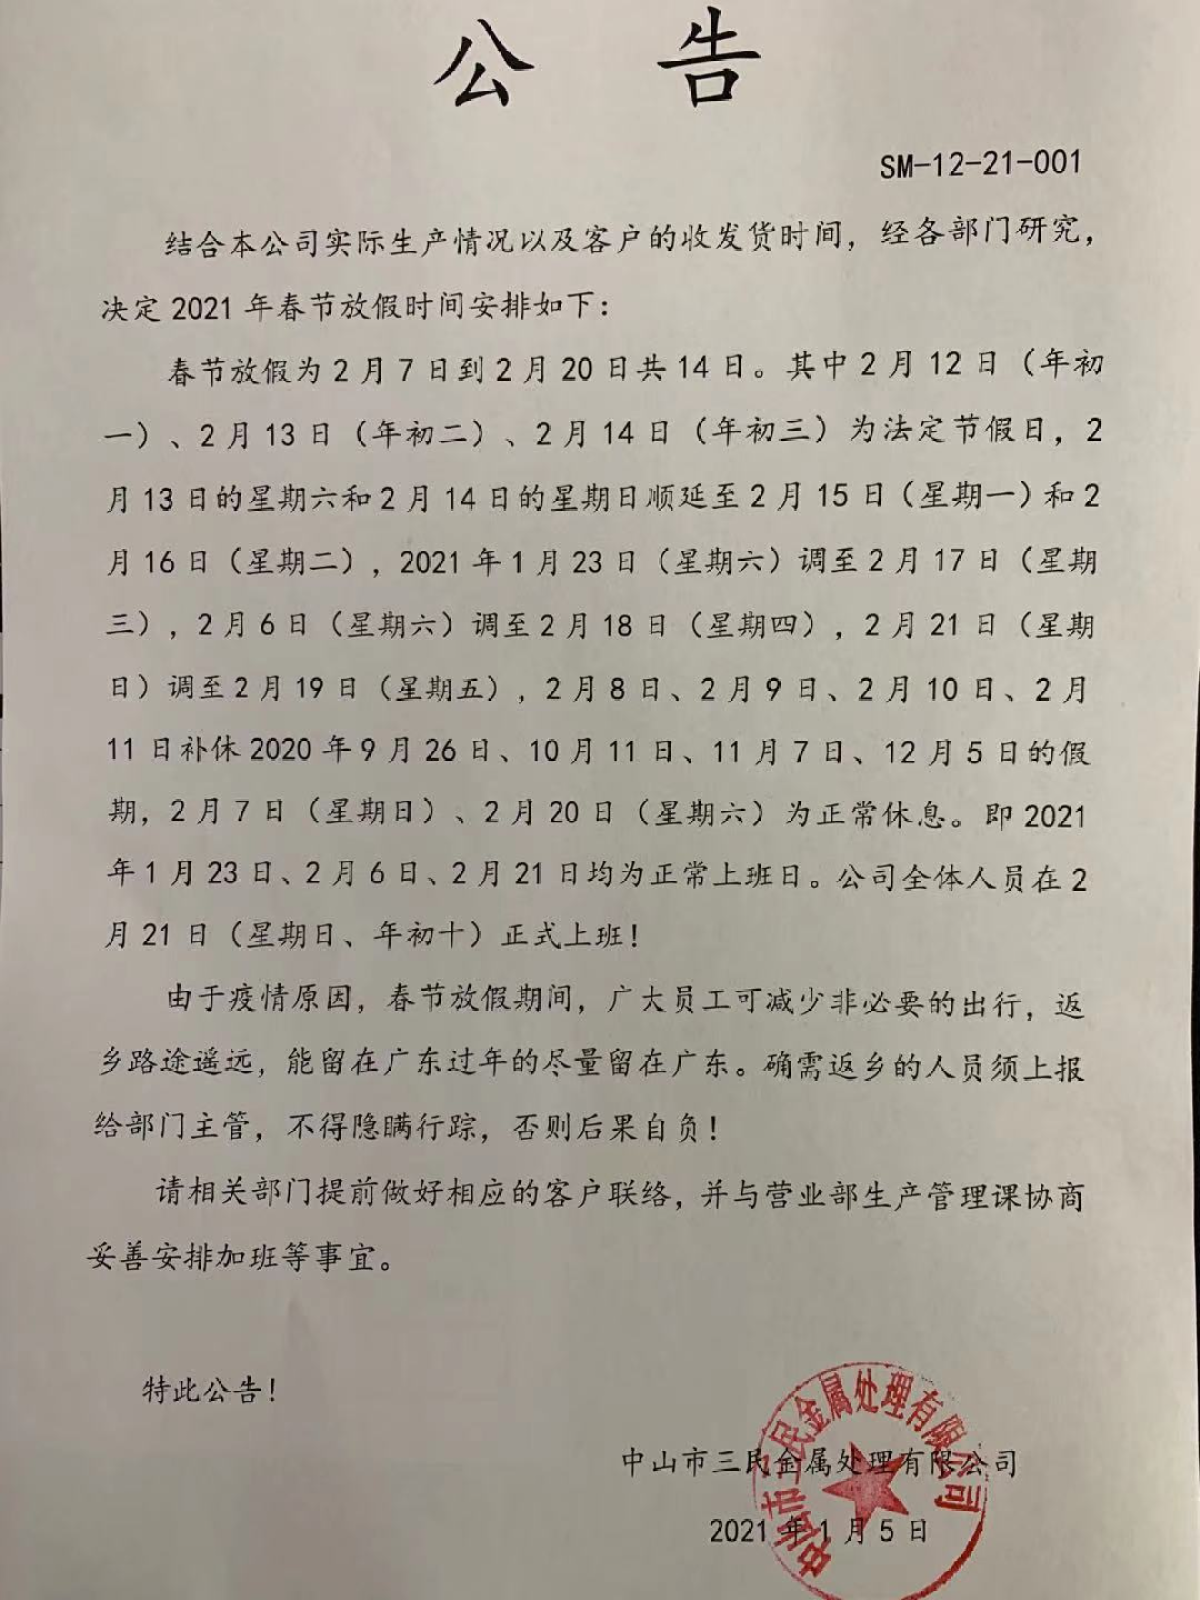 2021春节放假时间表